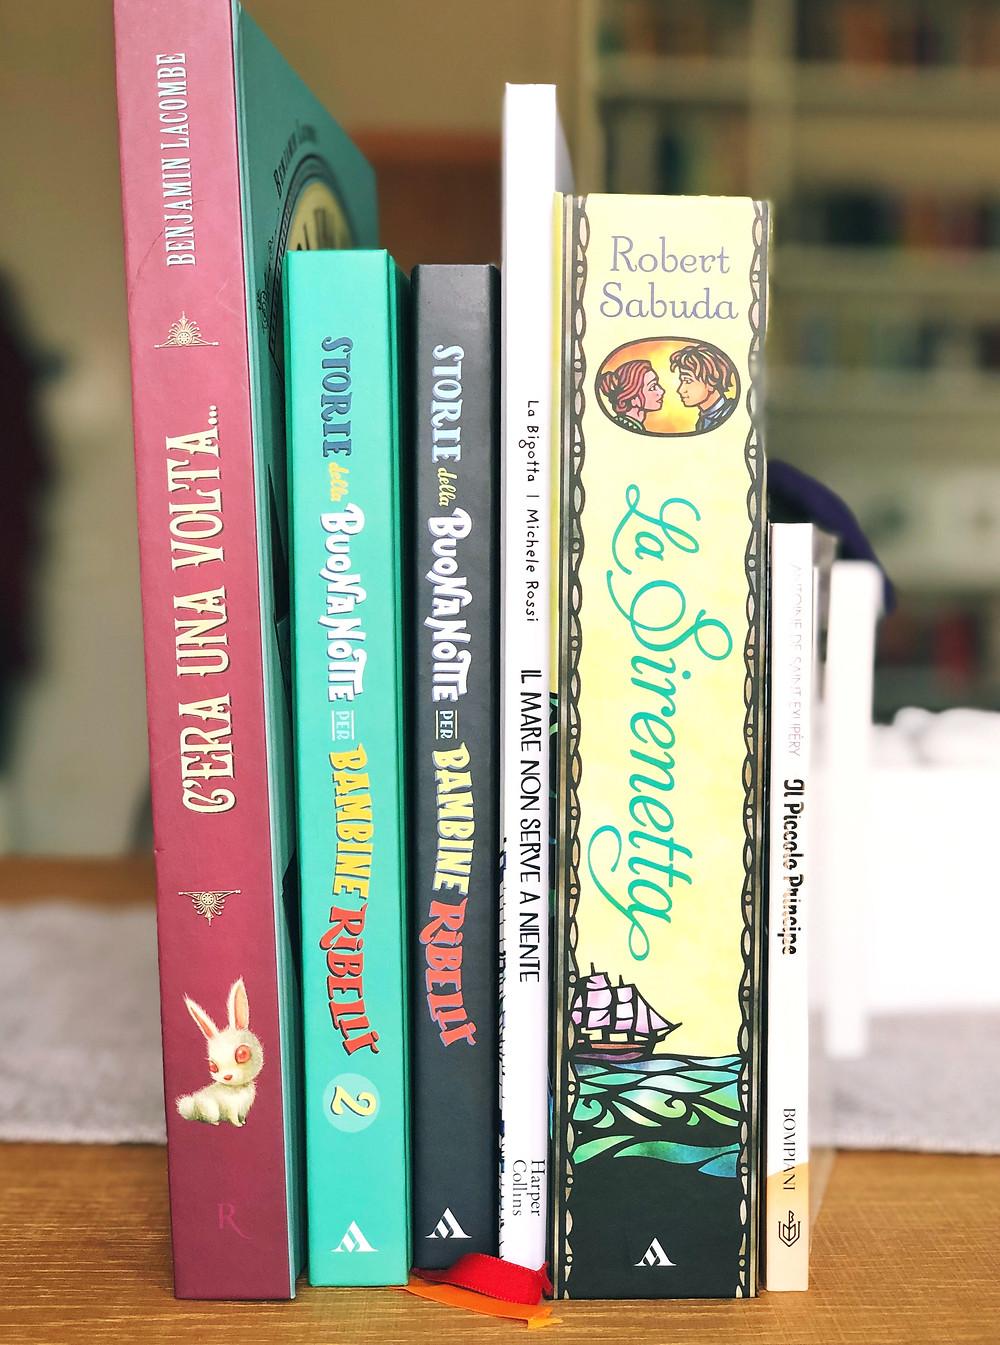 La Pesce Comunica consiglia alcuni libri per bambini